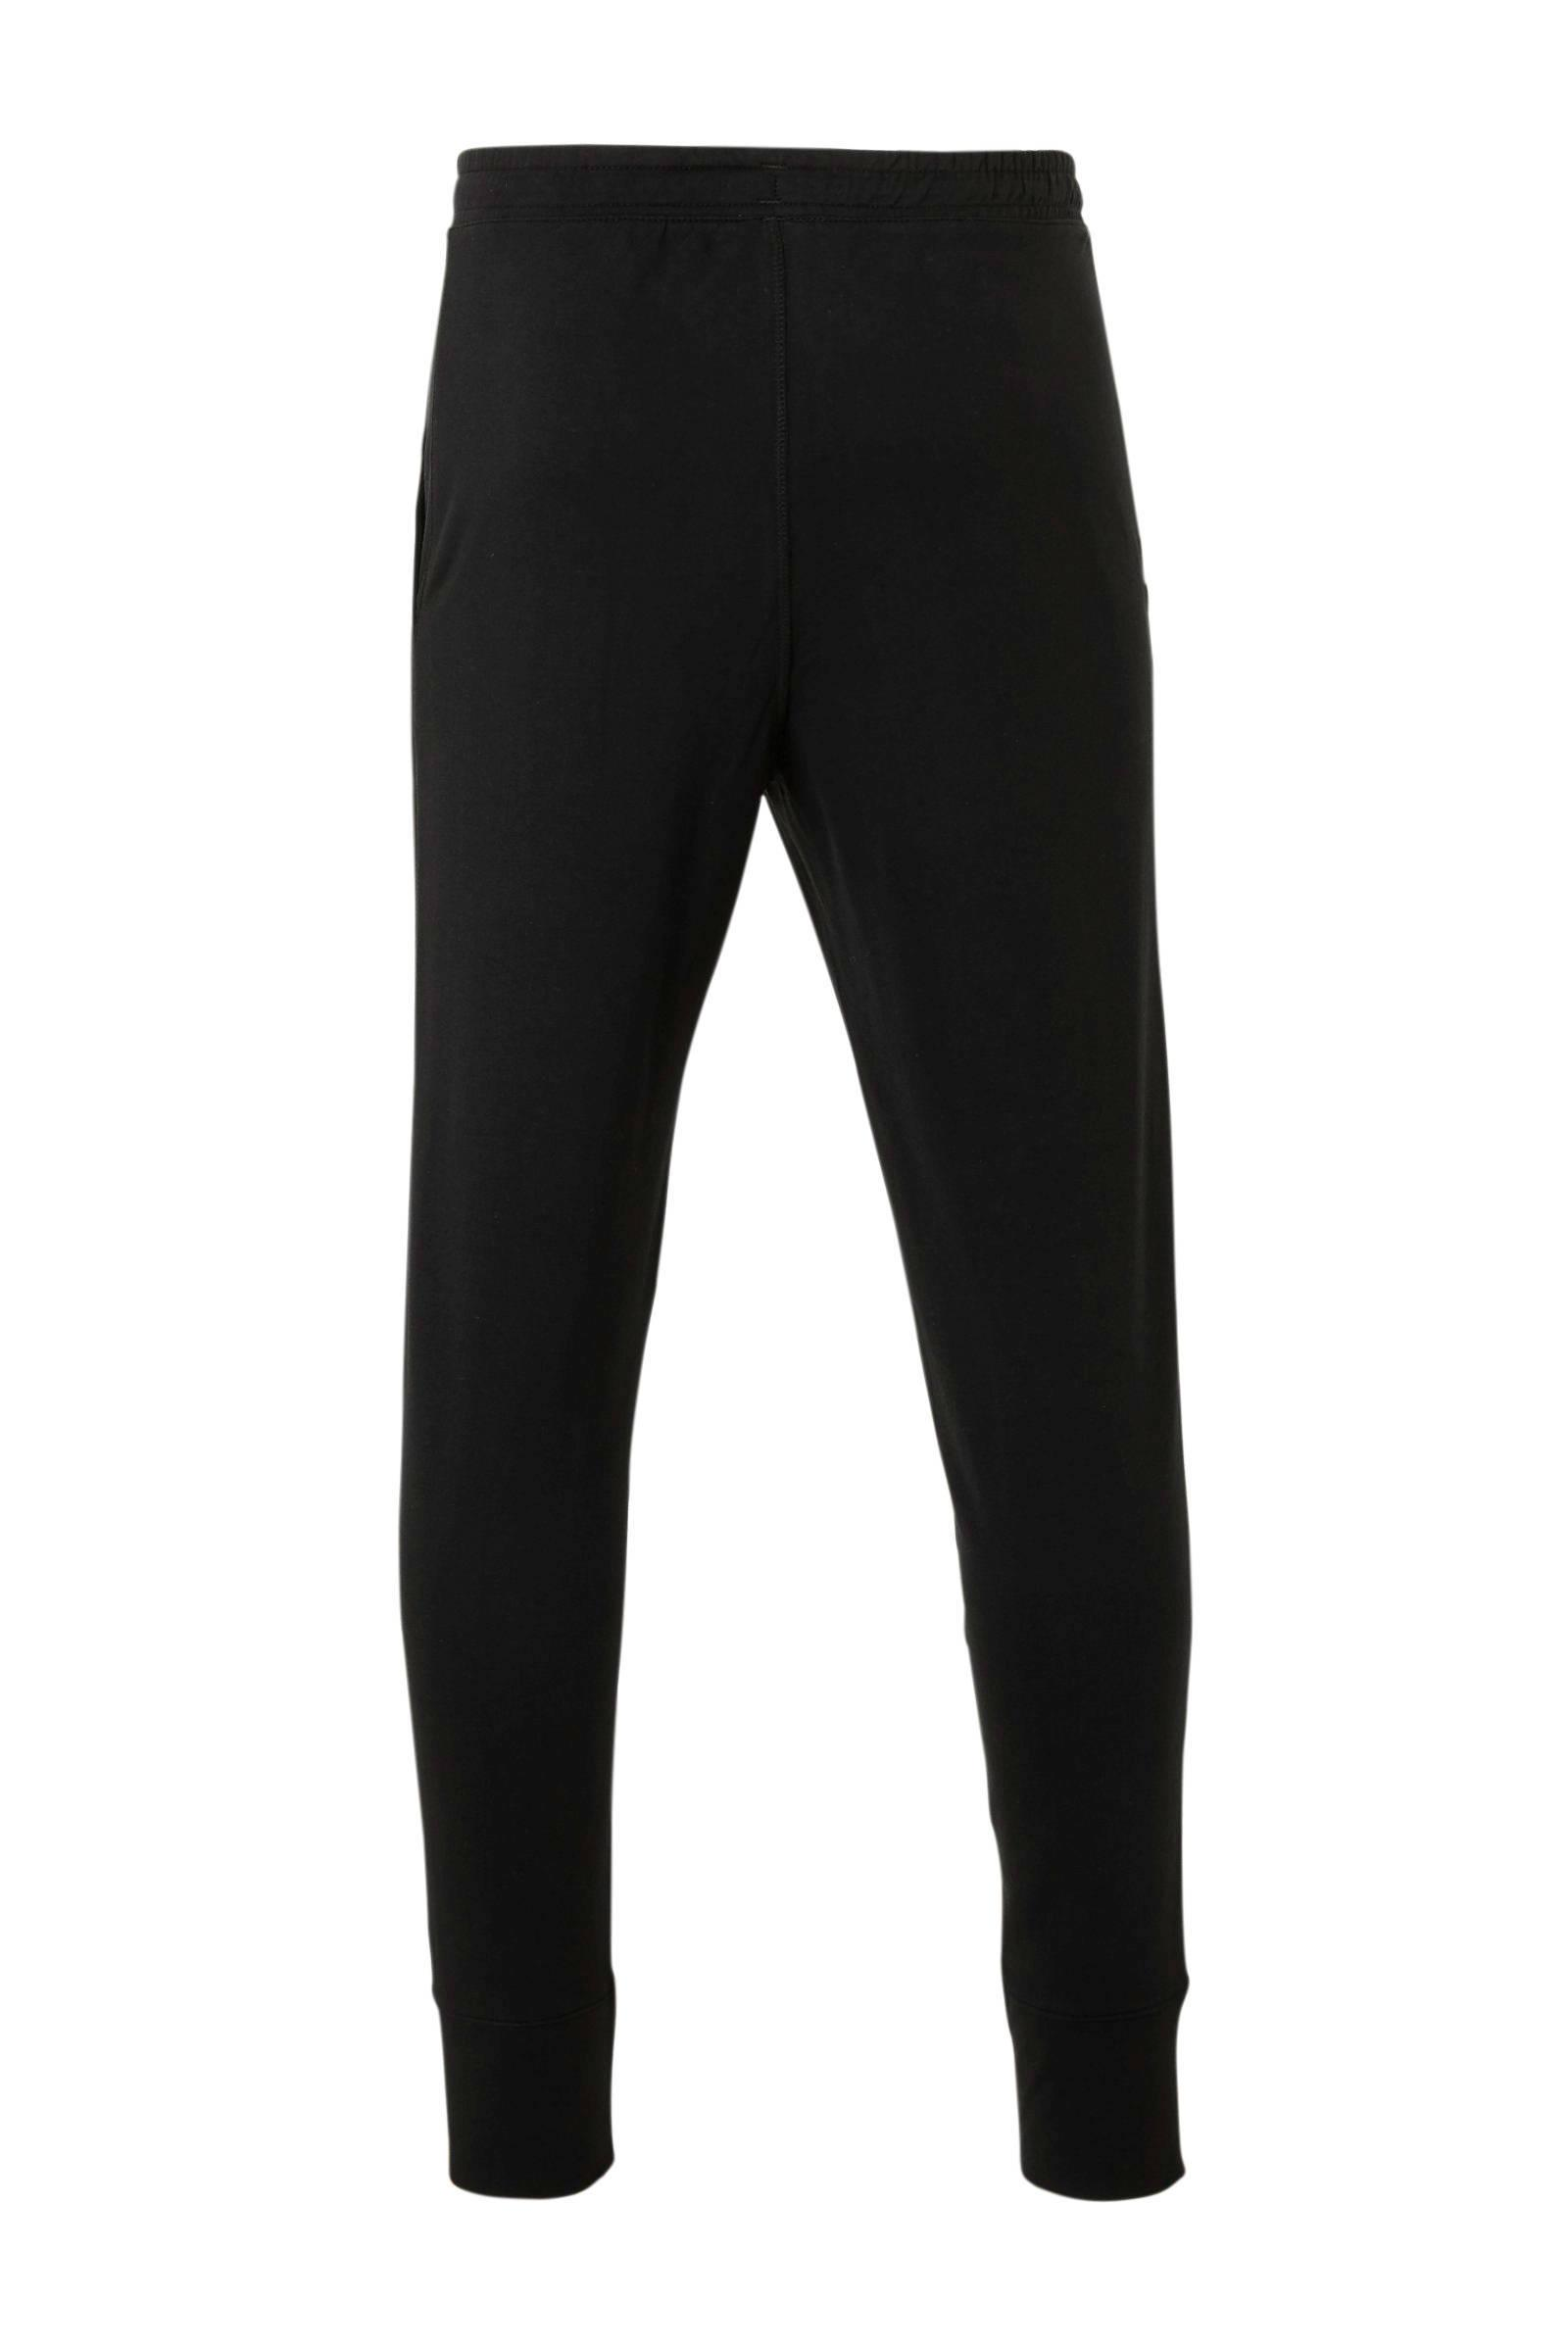 Reebok Training Regular Fit joggingbroek Zwart in het Zwart voor heren